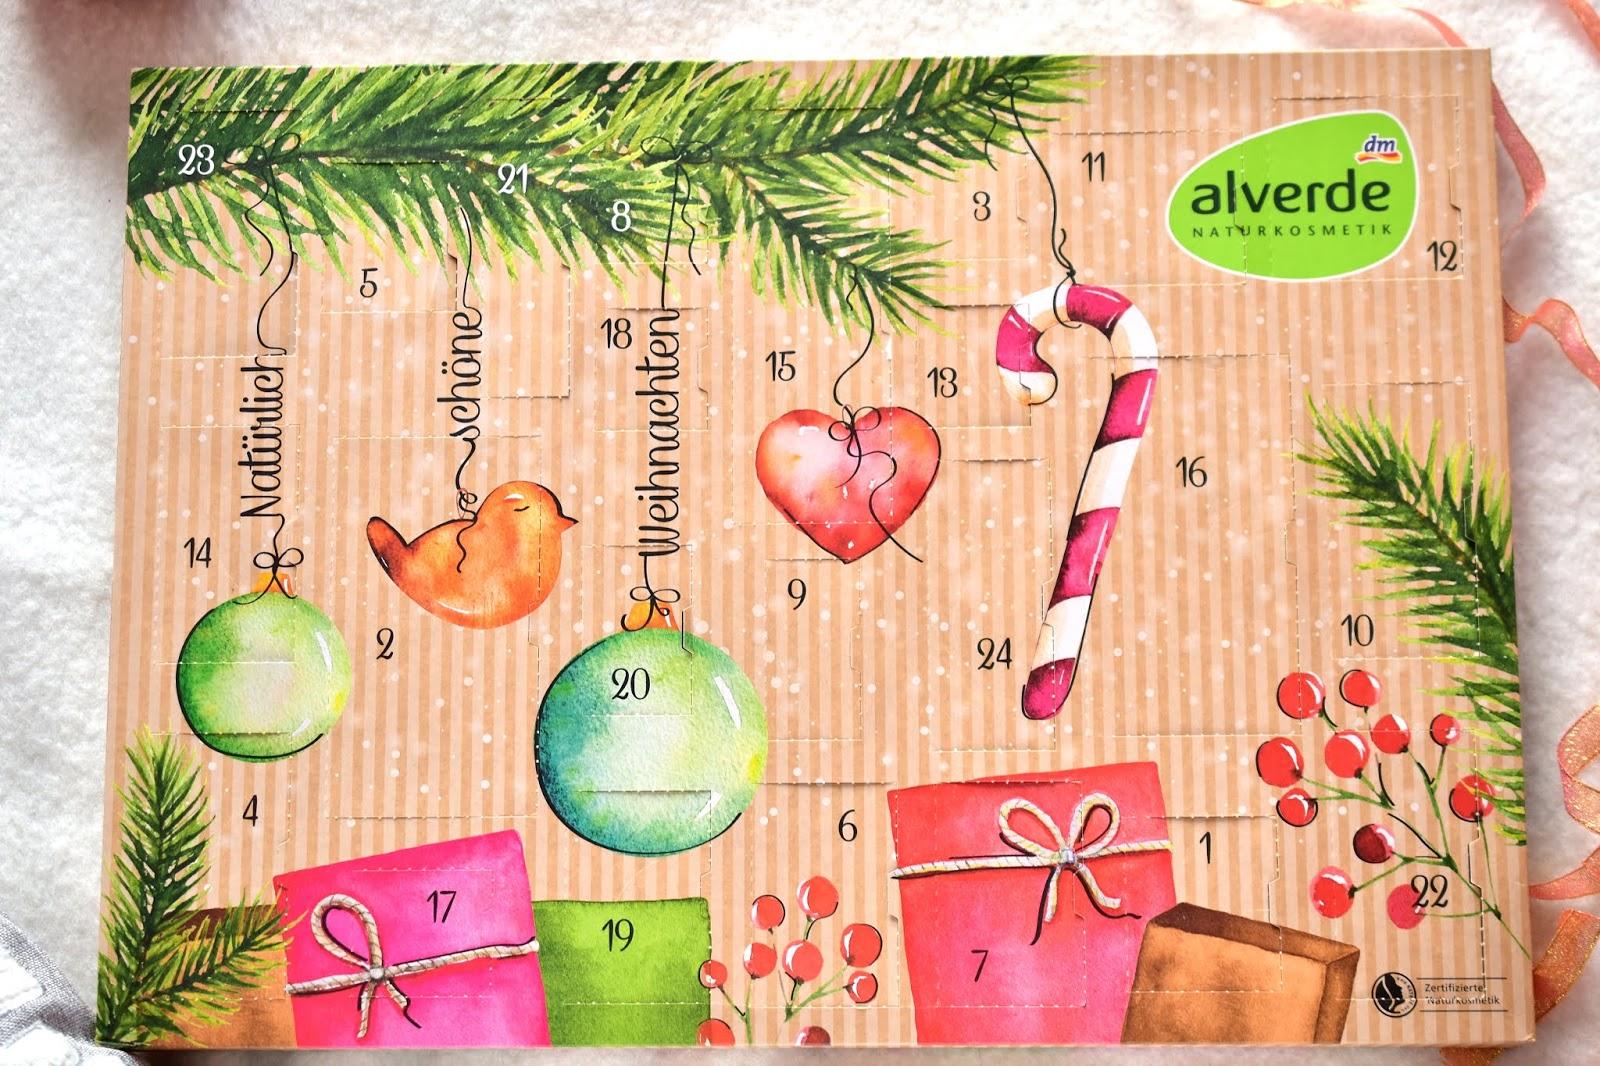 Alverde adventný kalendár